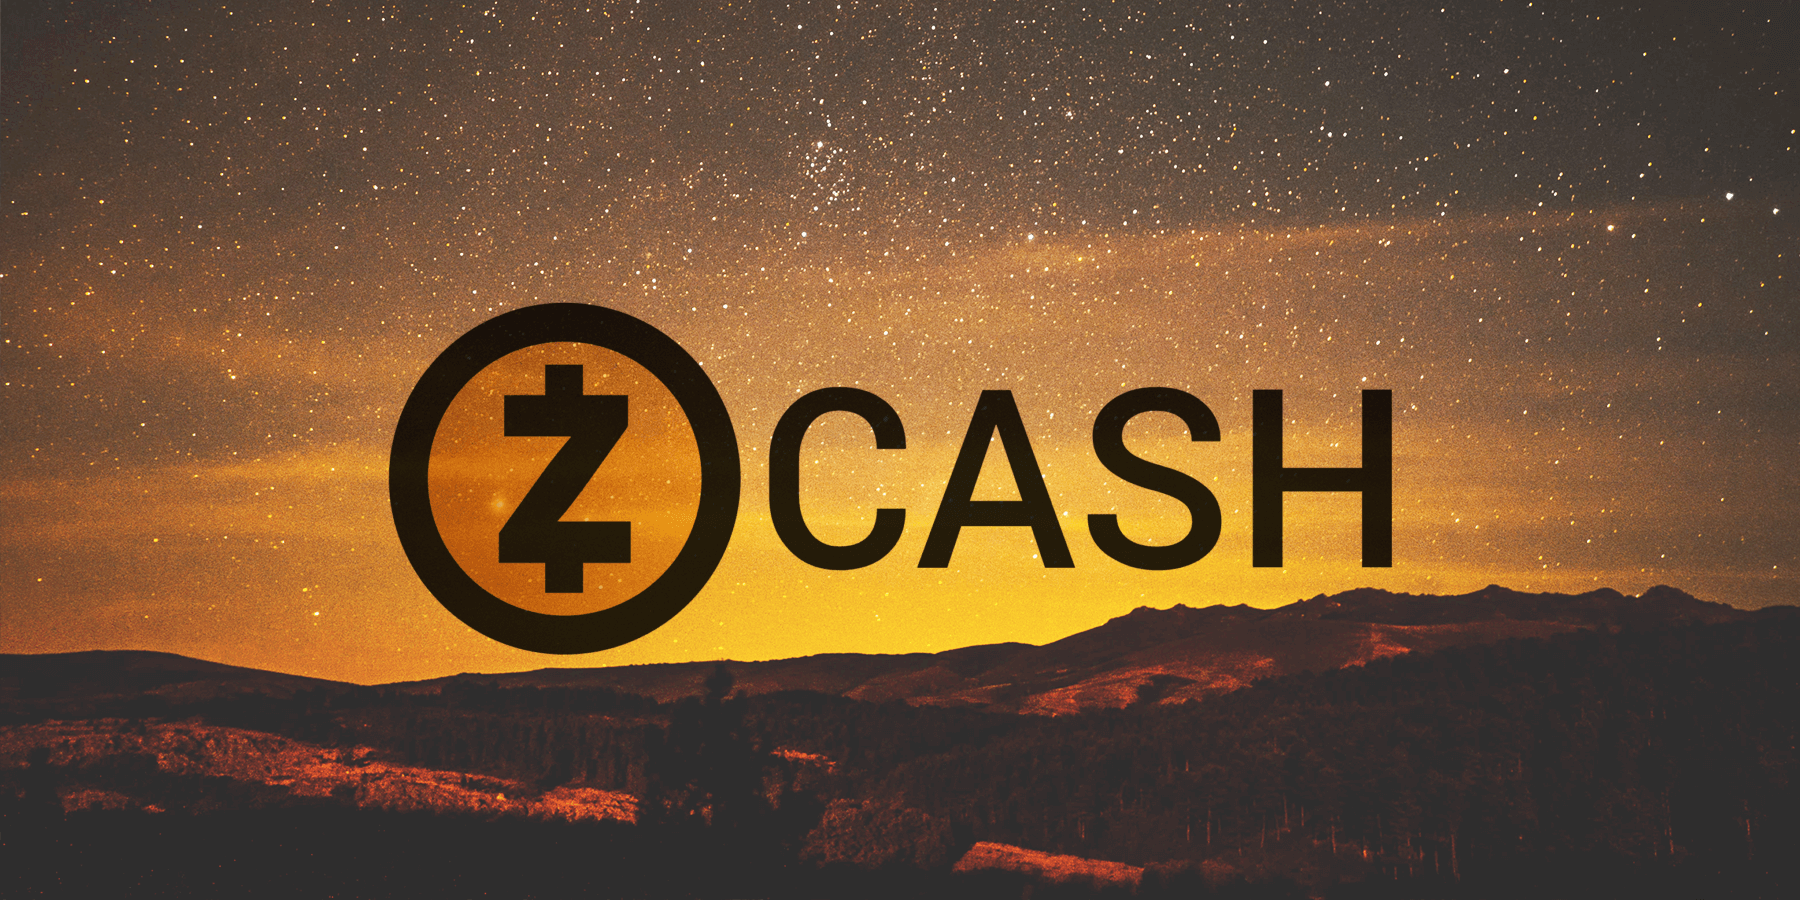 Кошелек Zcash: как создать и где хранить криптовалюту